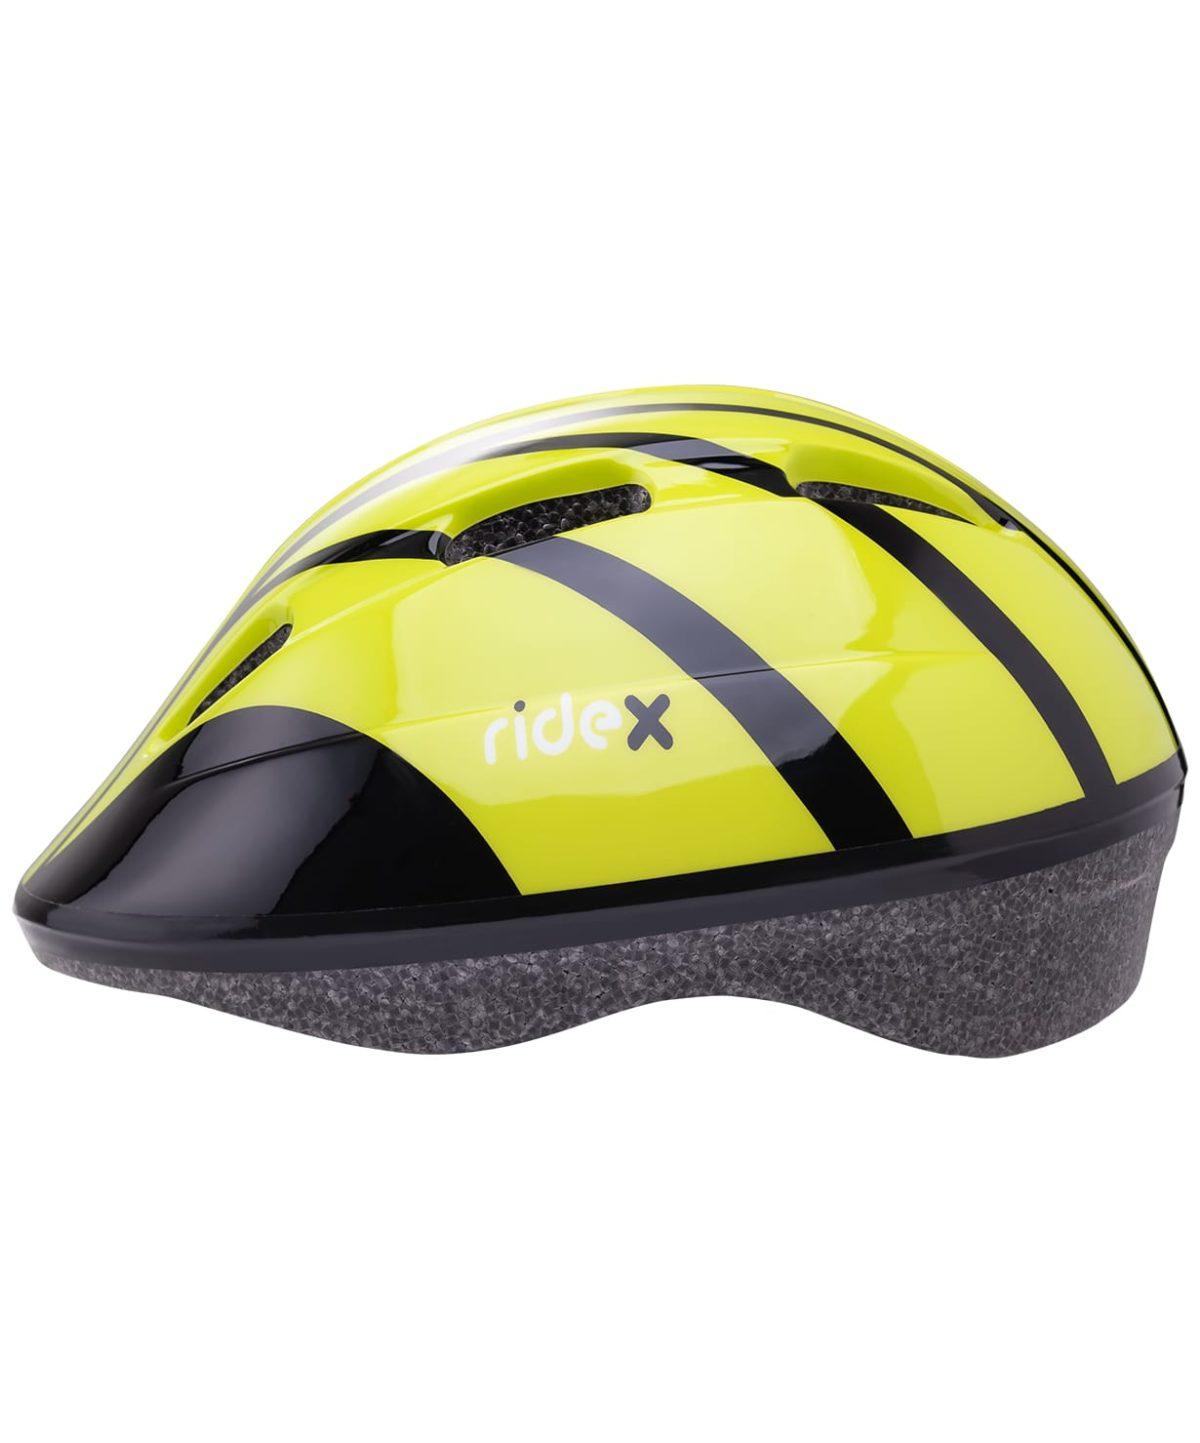 RIDEX Шлем защитный Rapid: зелёный - 4